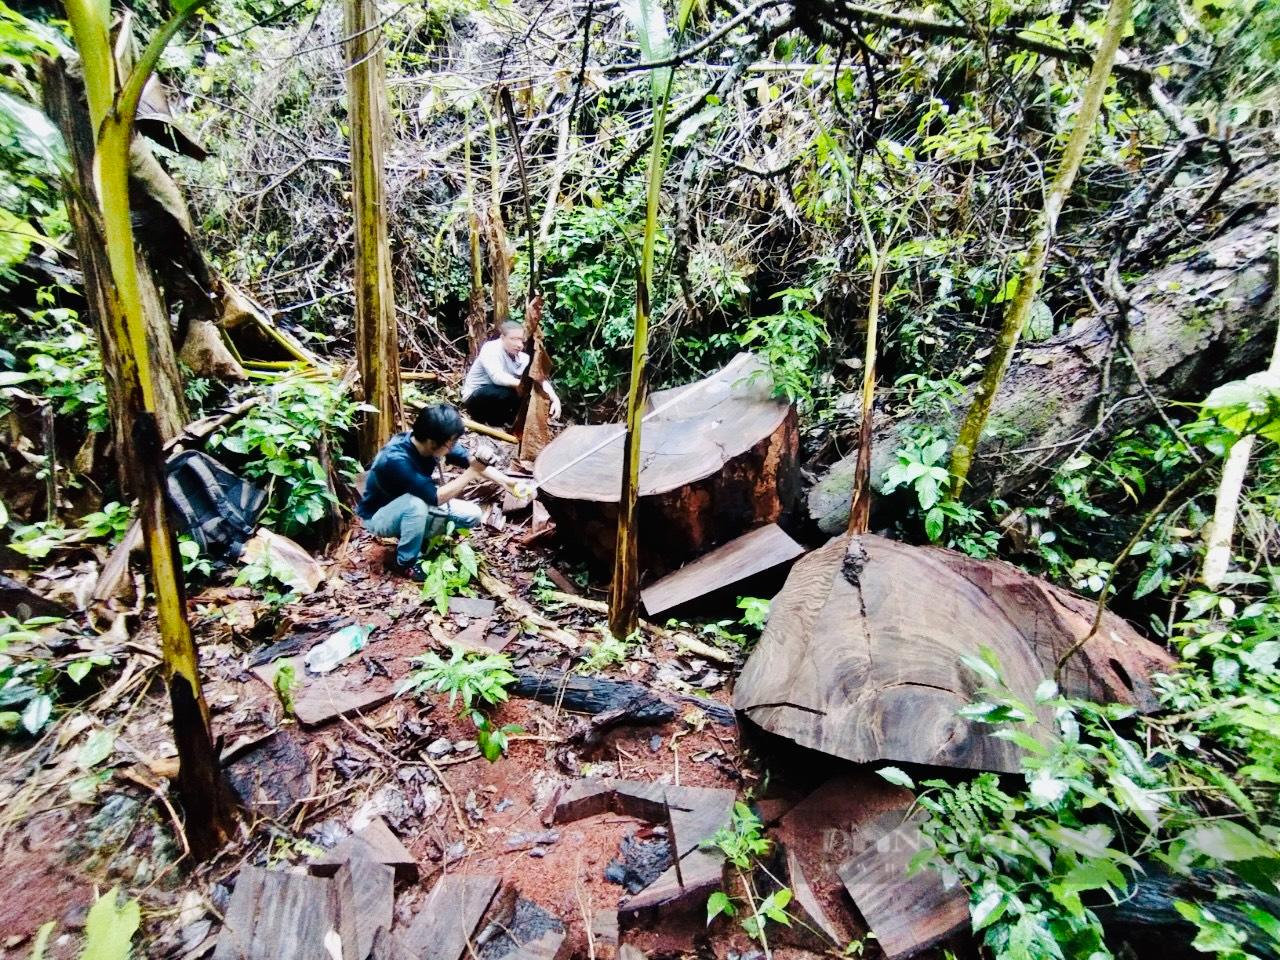 """Vụ phá rừng nghiến """"khủng"""" nhất Việt Nam: Hà Giang thừa nhận hơn 710m3 gỗ nghiến bị tàn phá trong rừng đặc dụng Du Già - Ảnh 1."""